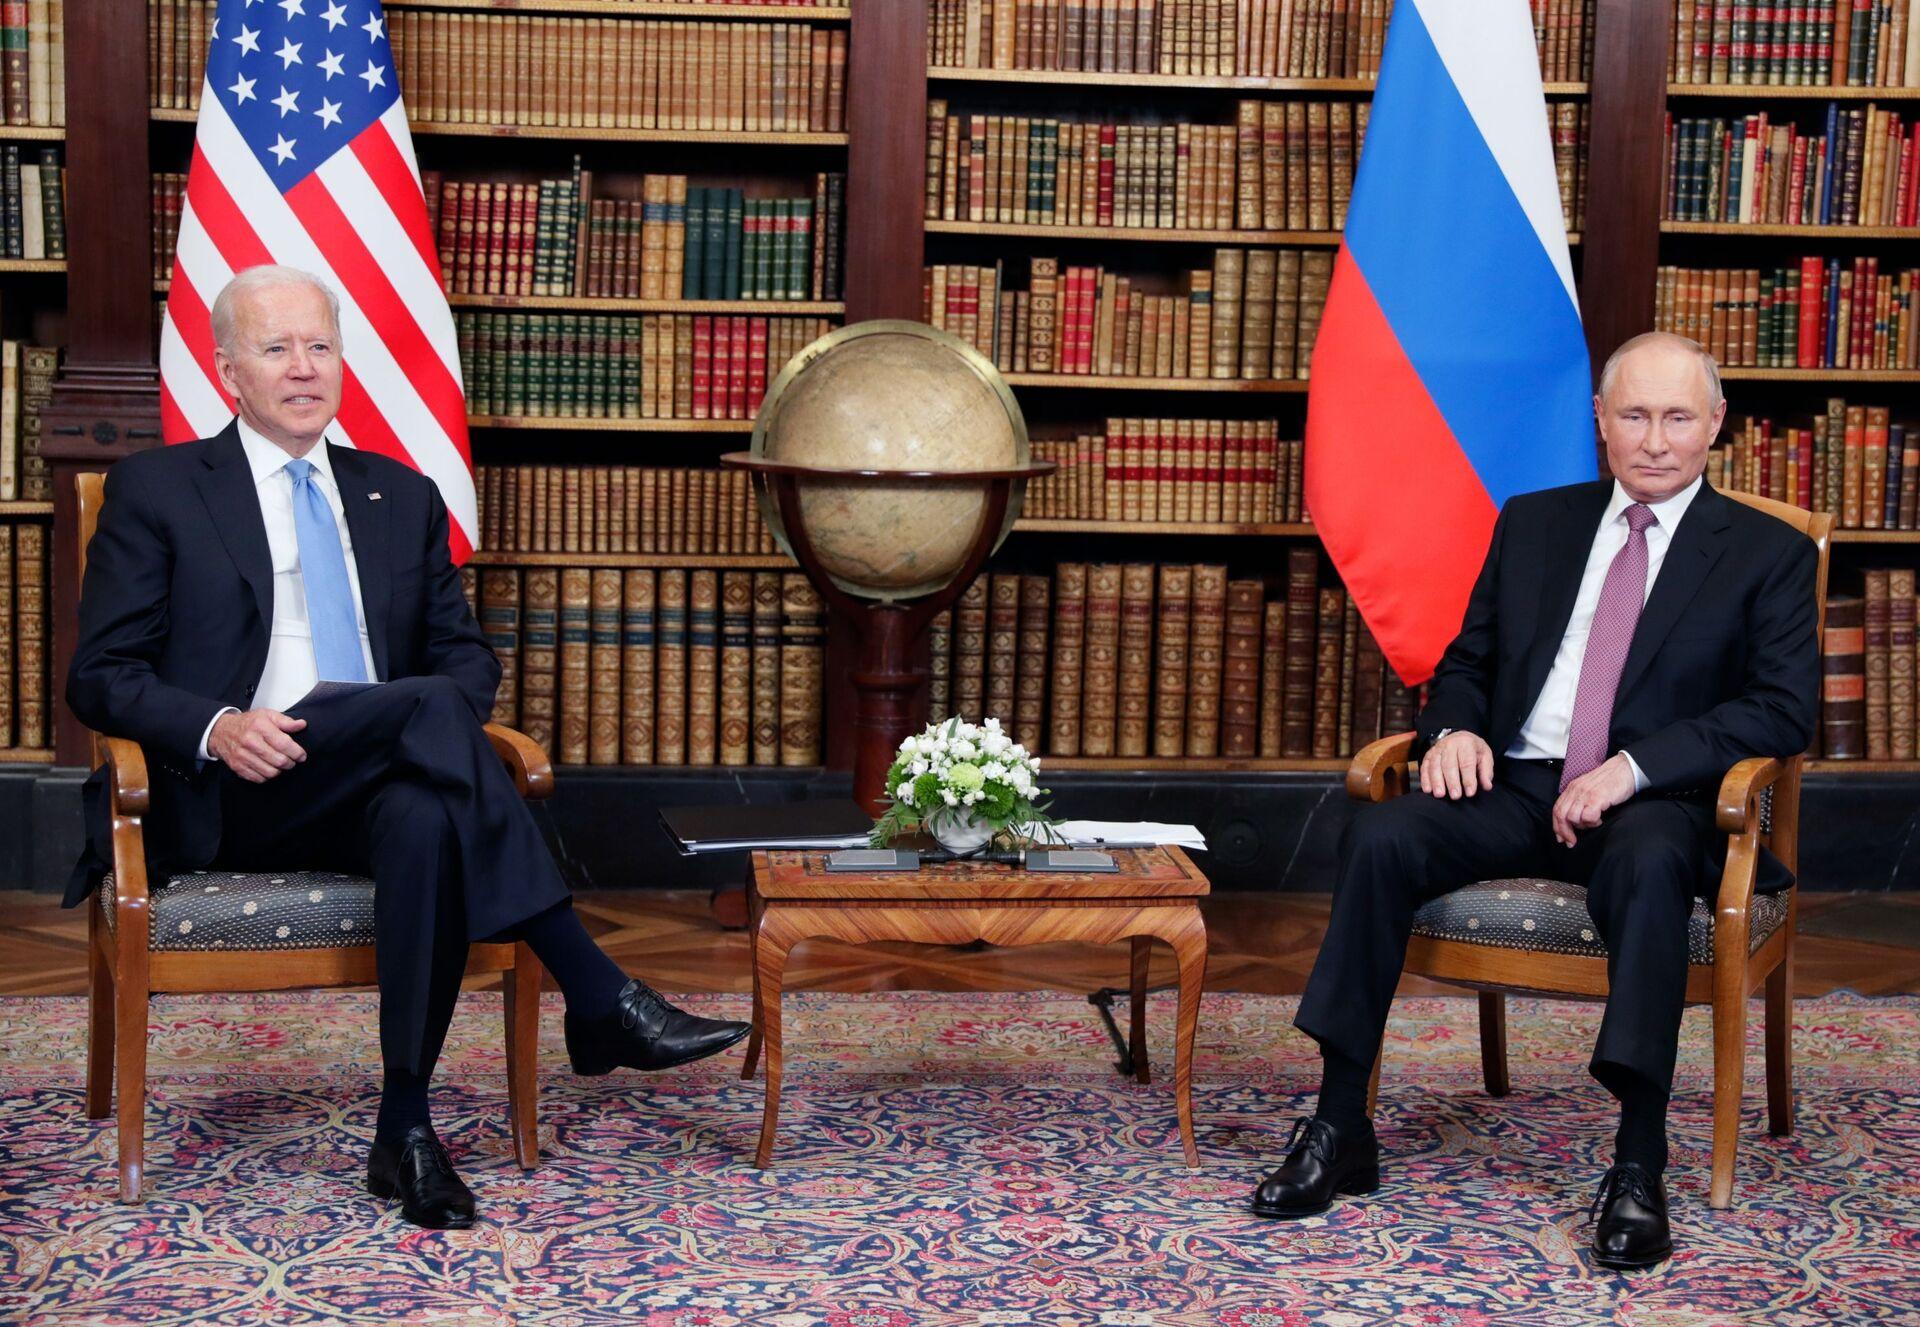 «Không phải tái khởi động mà trở lại bang giao bình thường»: Truyền thông thế giới nói về cuộc gặp Putin-Biden - Sputnik Việt Nam, 1920, 18.06.2021